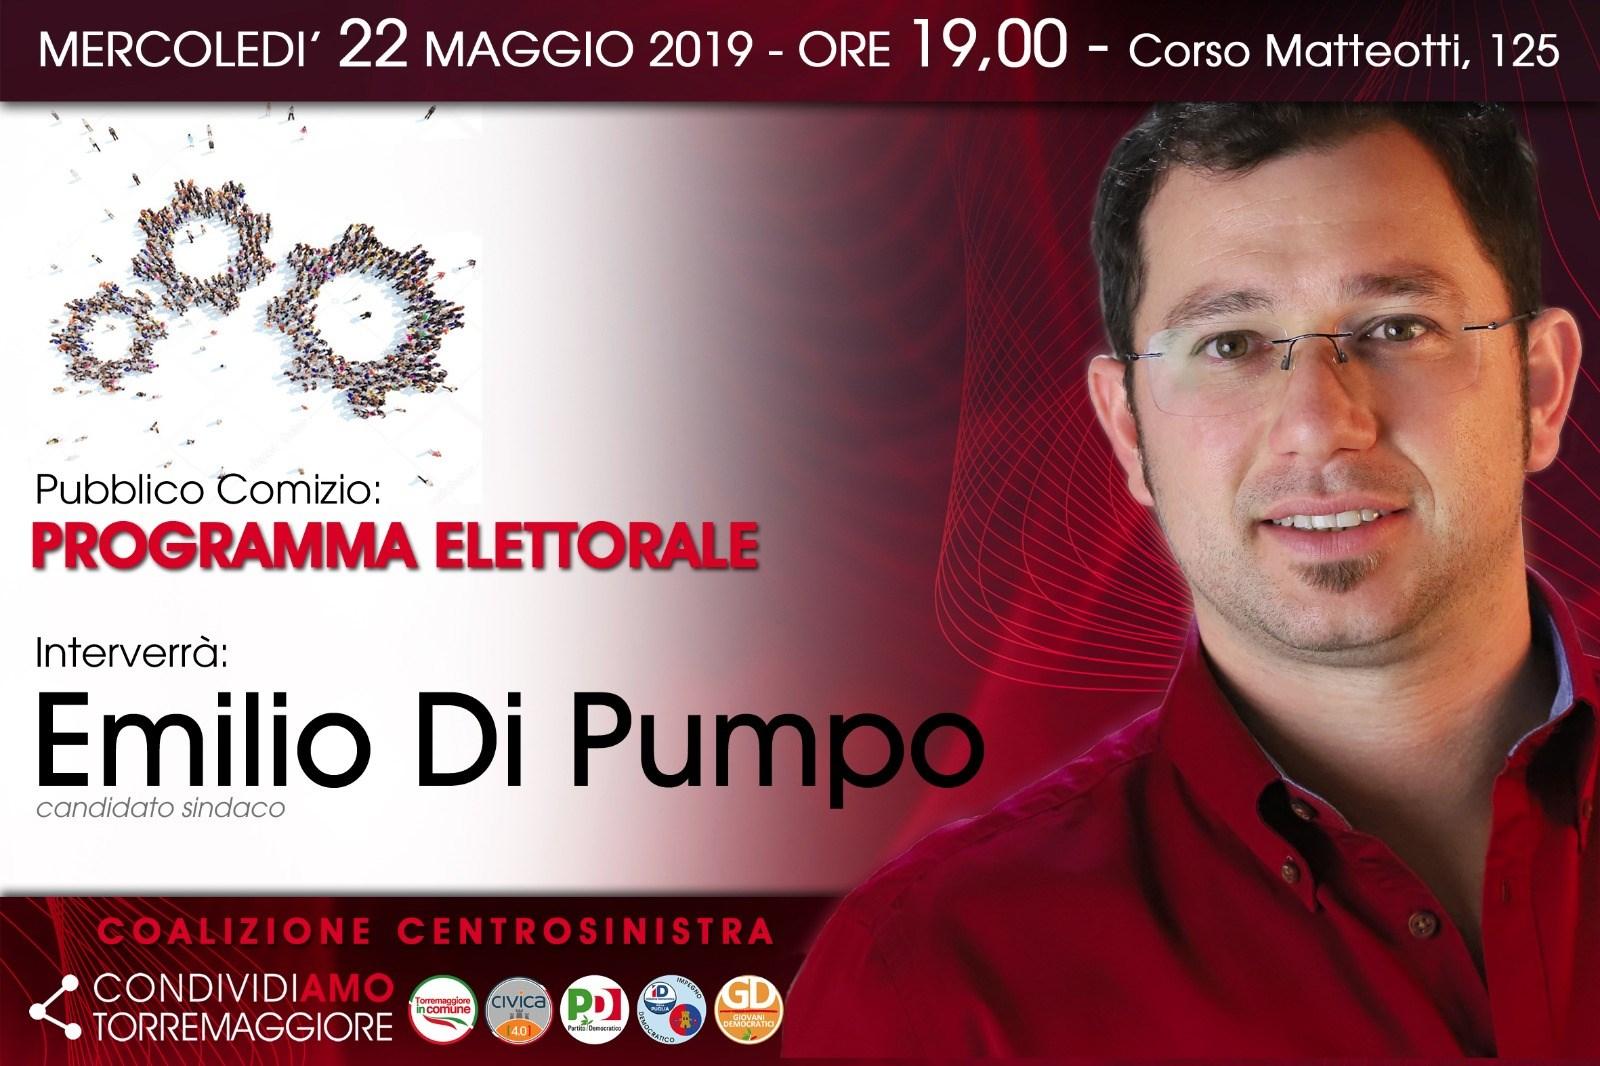 Il 22 maggio 2019 alle 19 pubblico comizio del candidato sindaco Emilio Di Pumpo